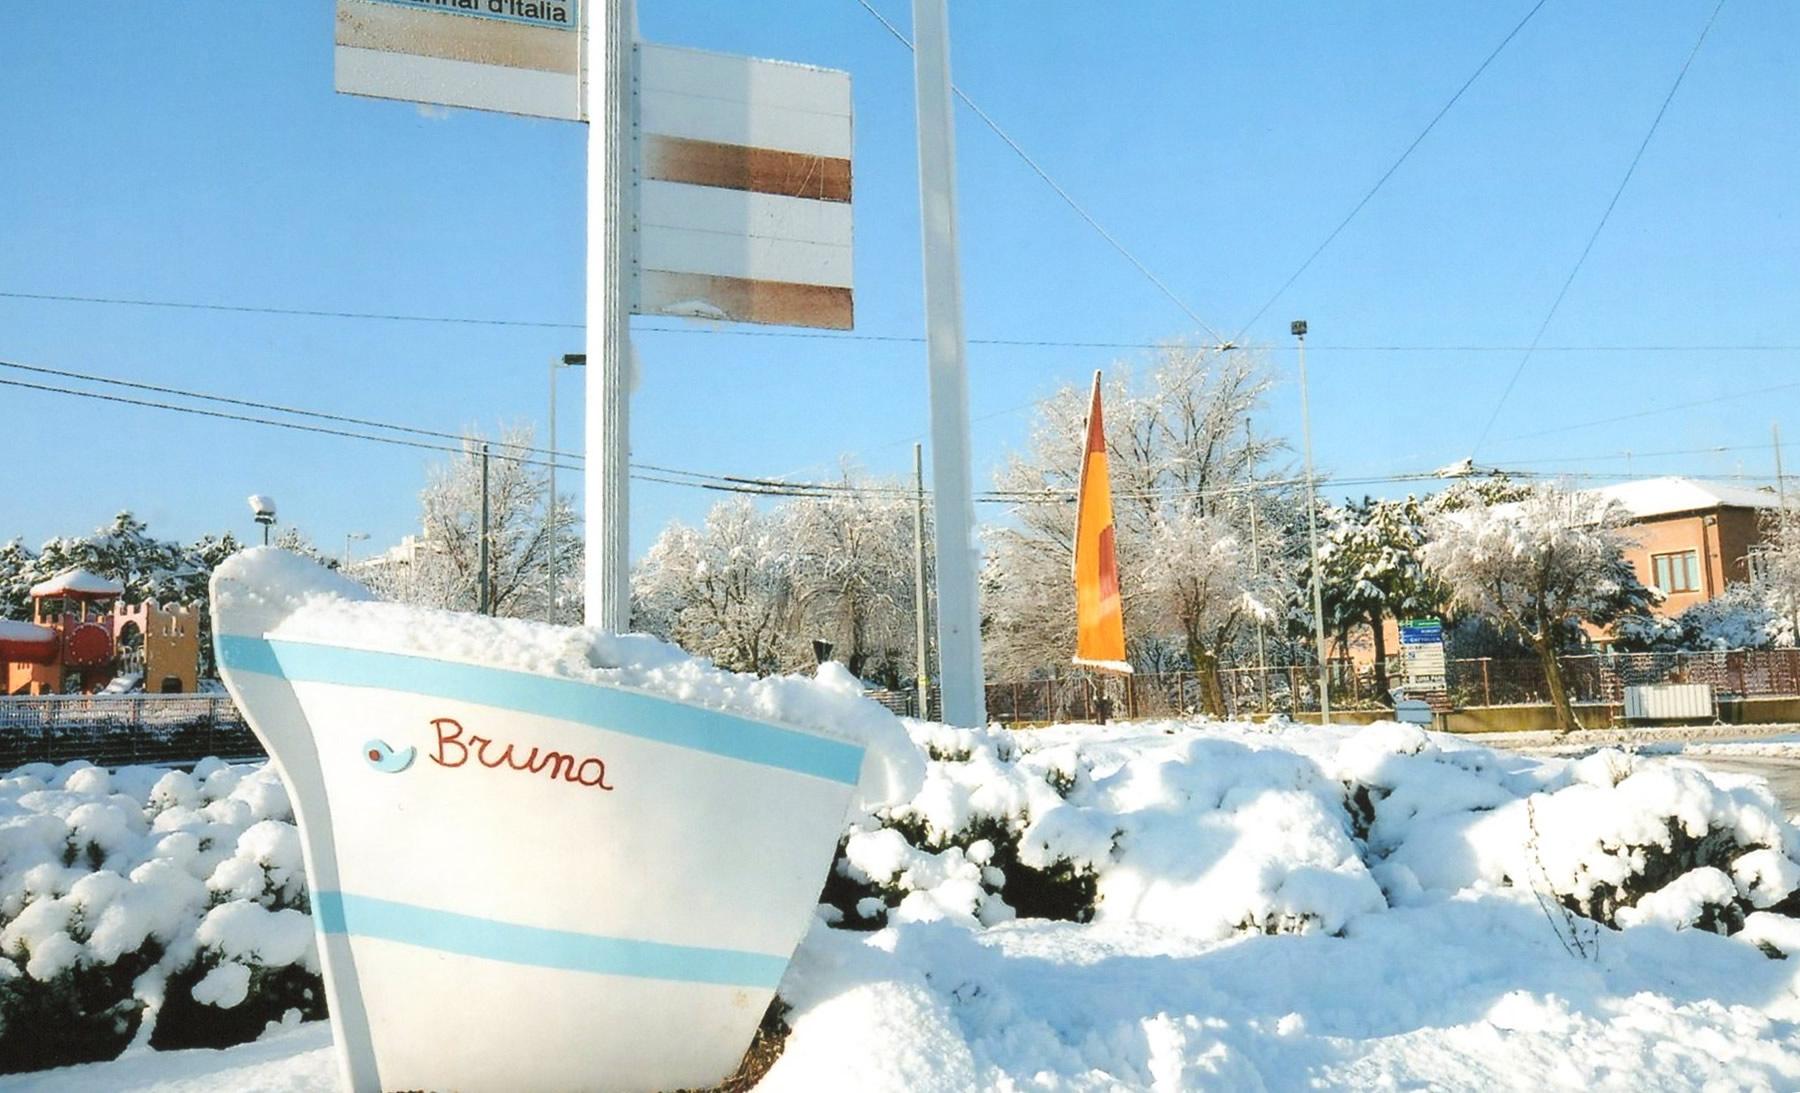 Il piccolo monumento che raffigura la prua e la vela della nostra barca naufragatail 17gennaio 192